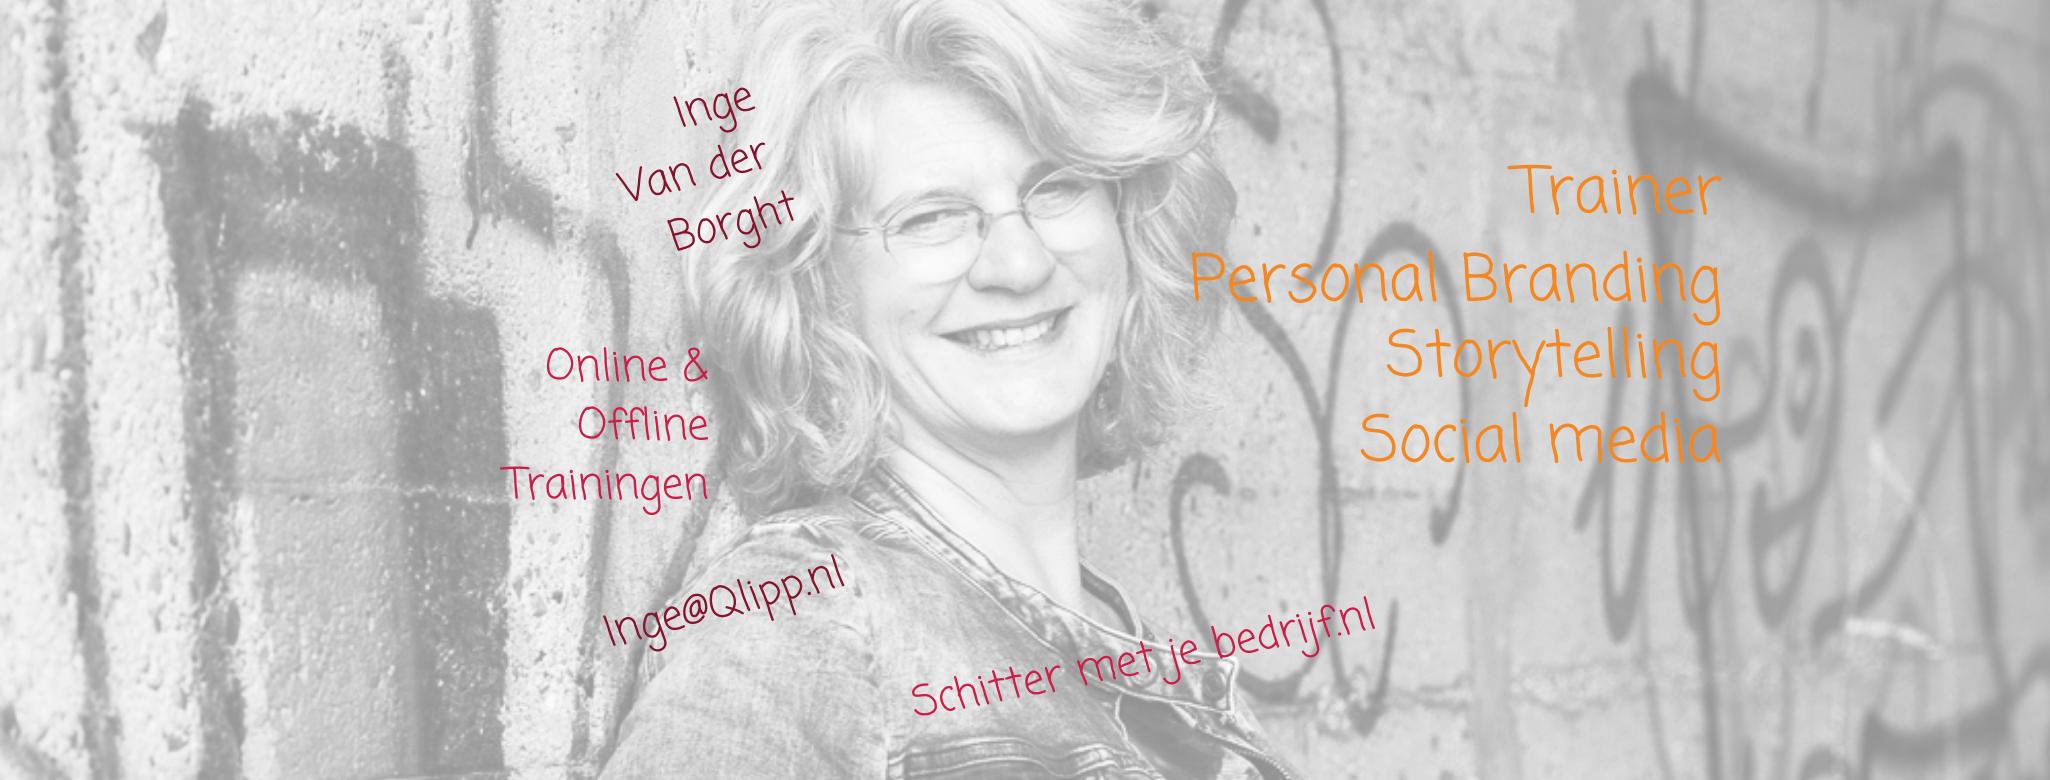 Inge Van der Borght (1)